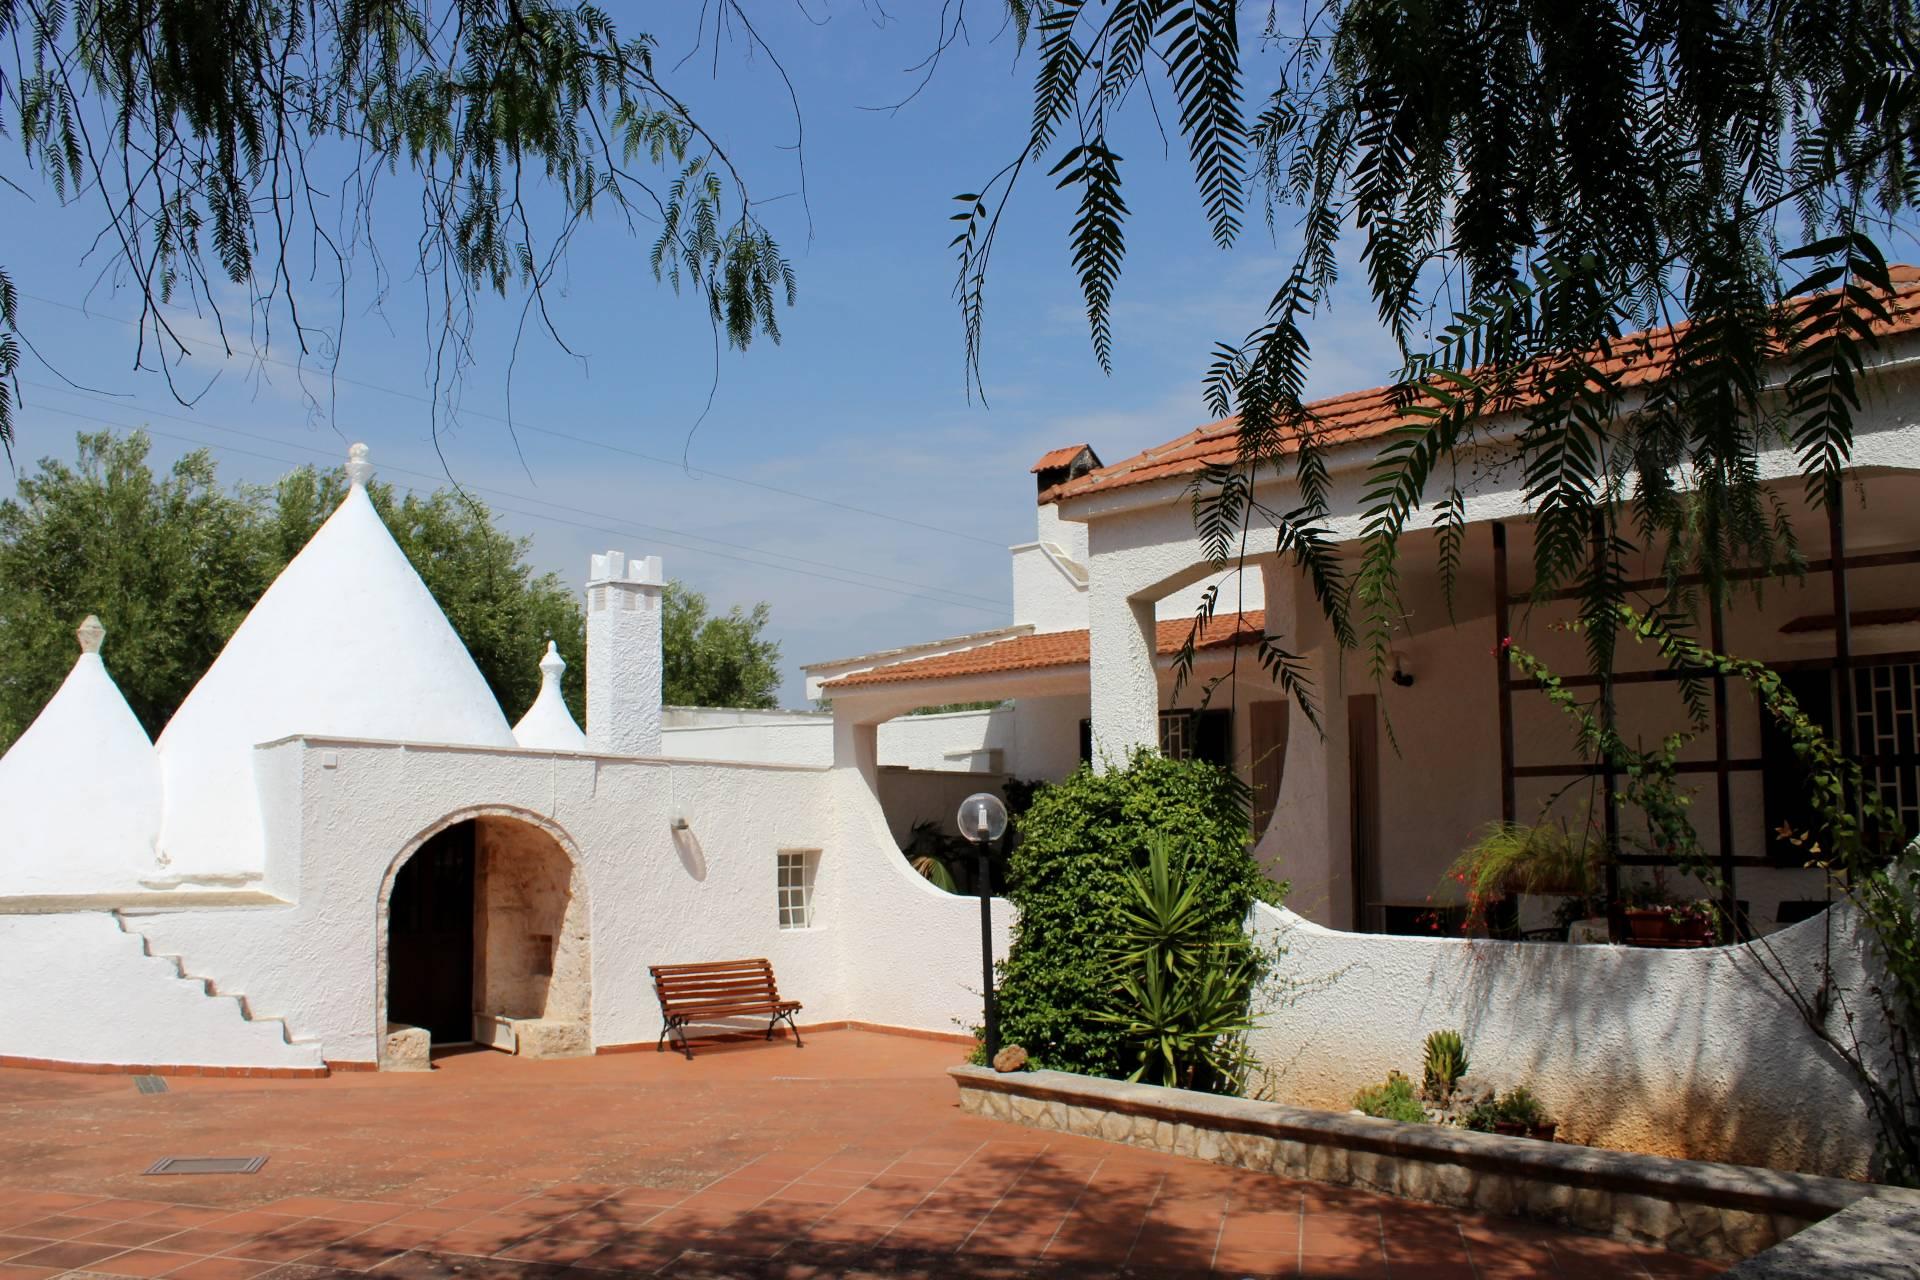 Appartamento in vendita a Ostuni, 5 locali, prezzo € 249.000 | CambioCasa.it